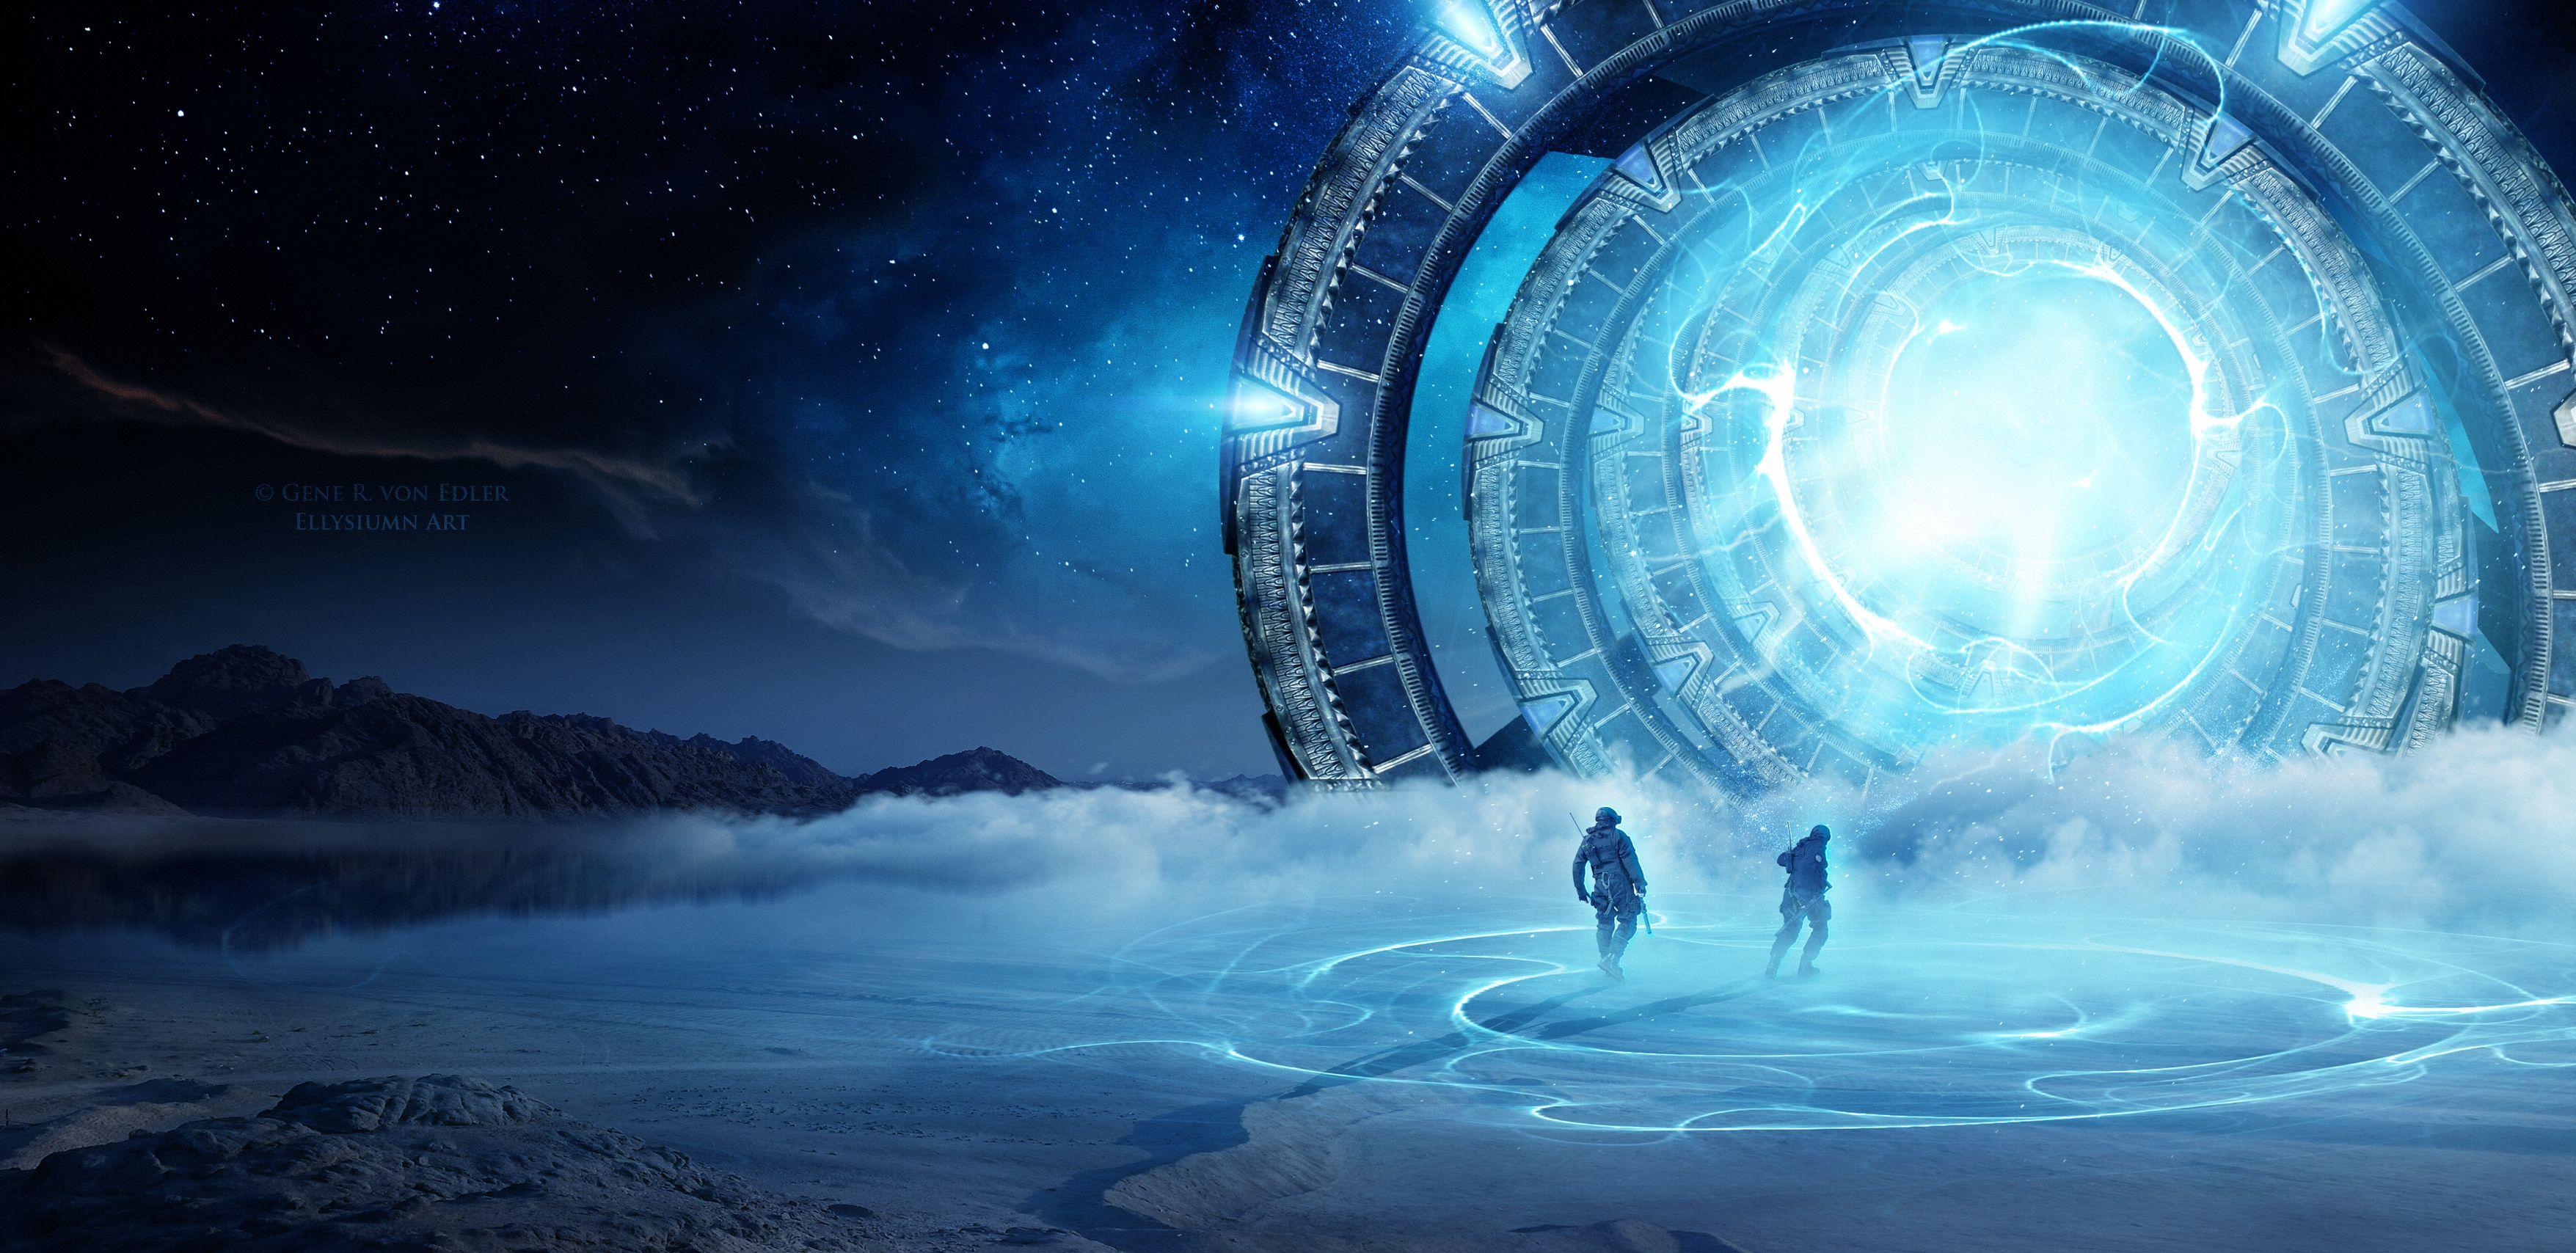 Sci Fi Wallpaper 142 3511x1708